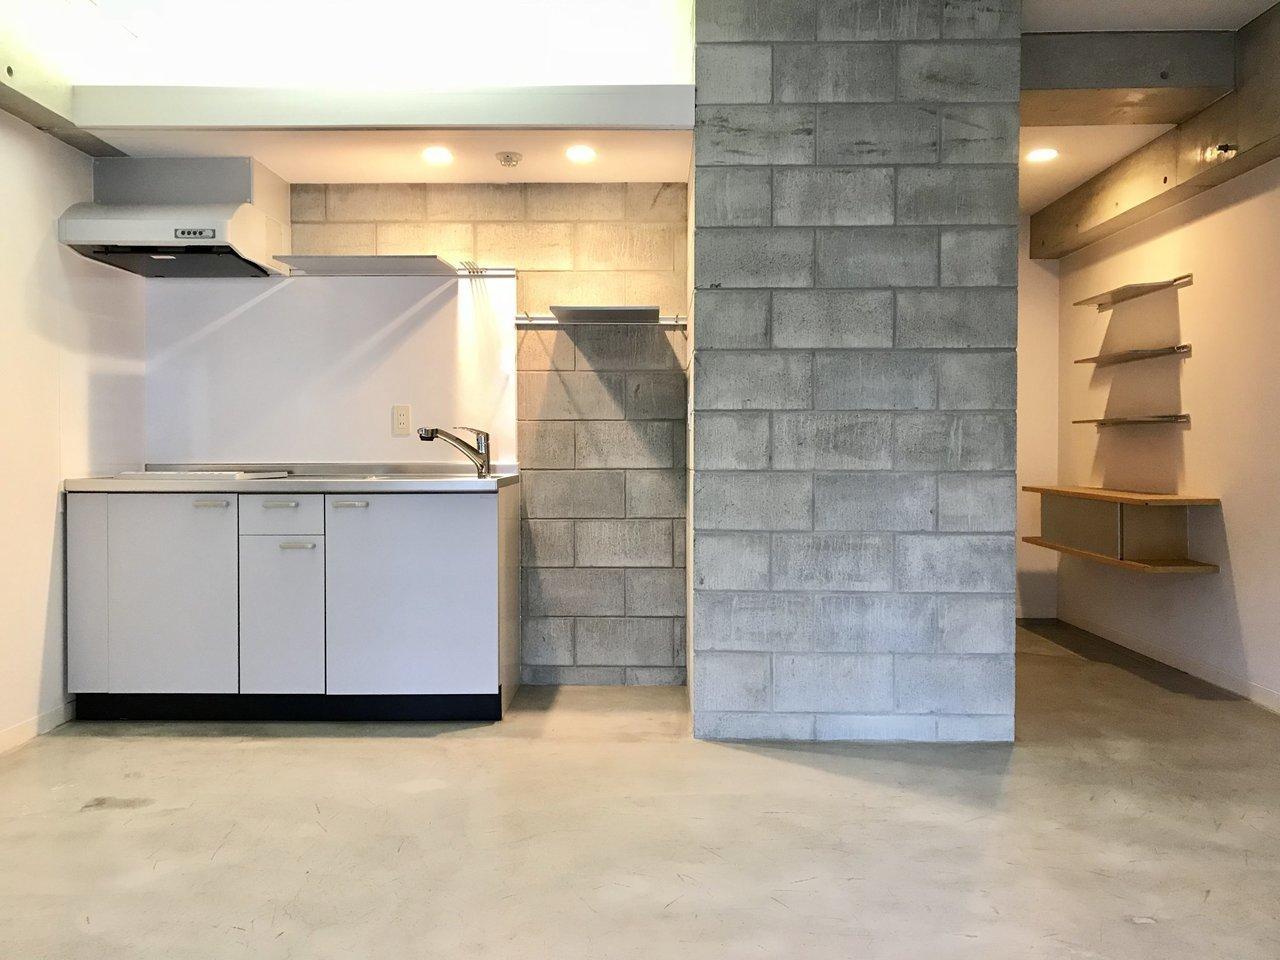 コンクリブロックの壁が個性的な、広々のデザイナーズワンルーム。このキッチン、ずっと眺めていたくなります。